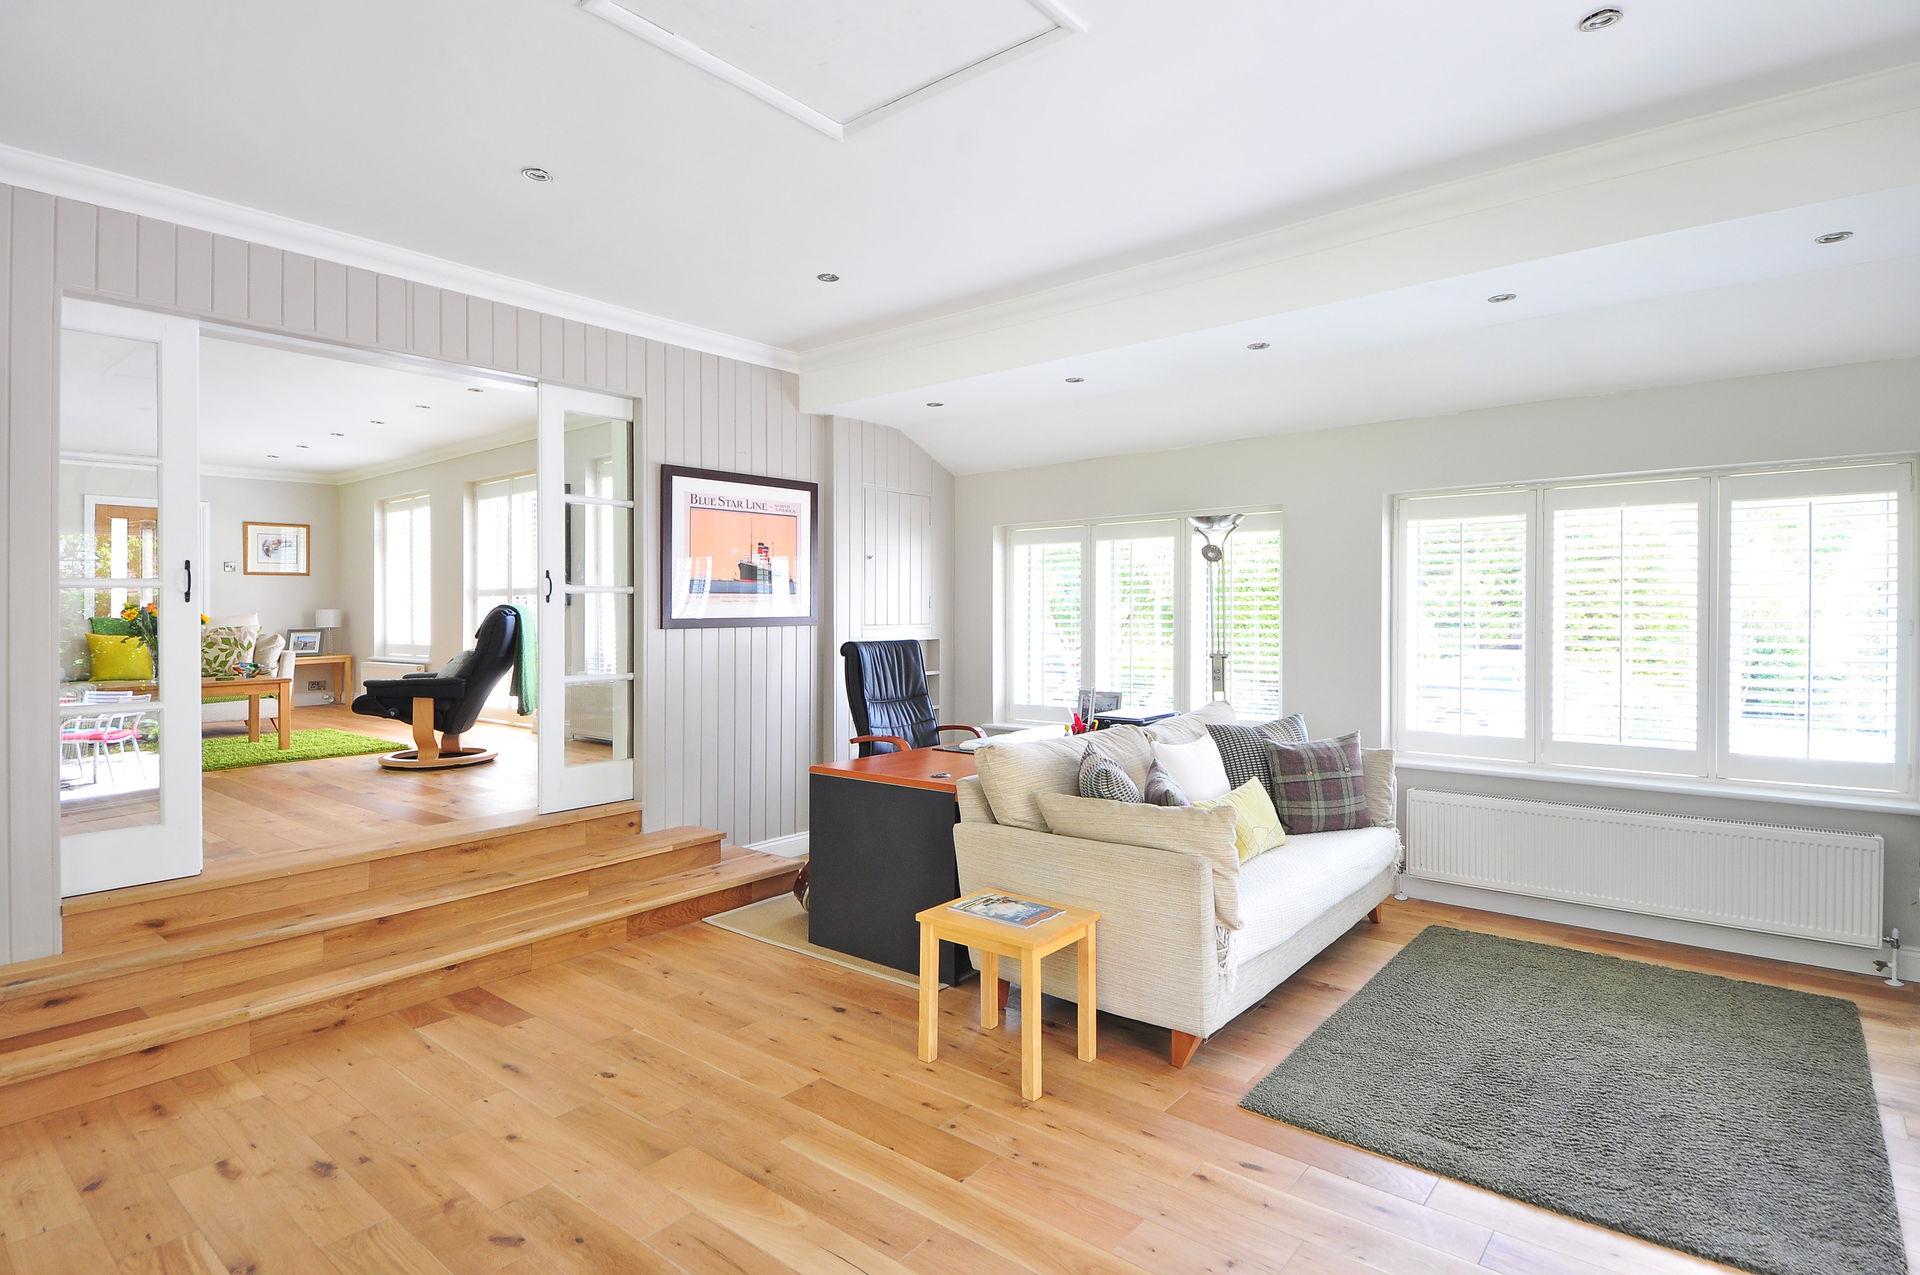 apartment-architecture-ceiling-259962.jpg